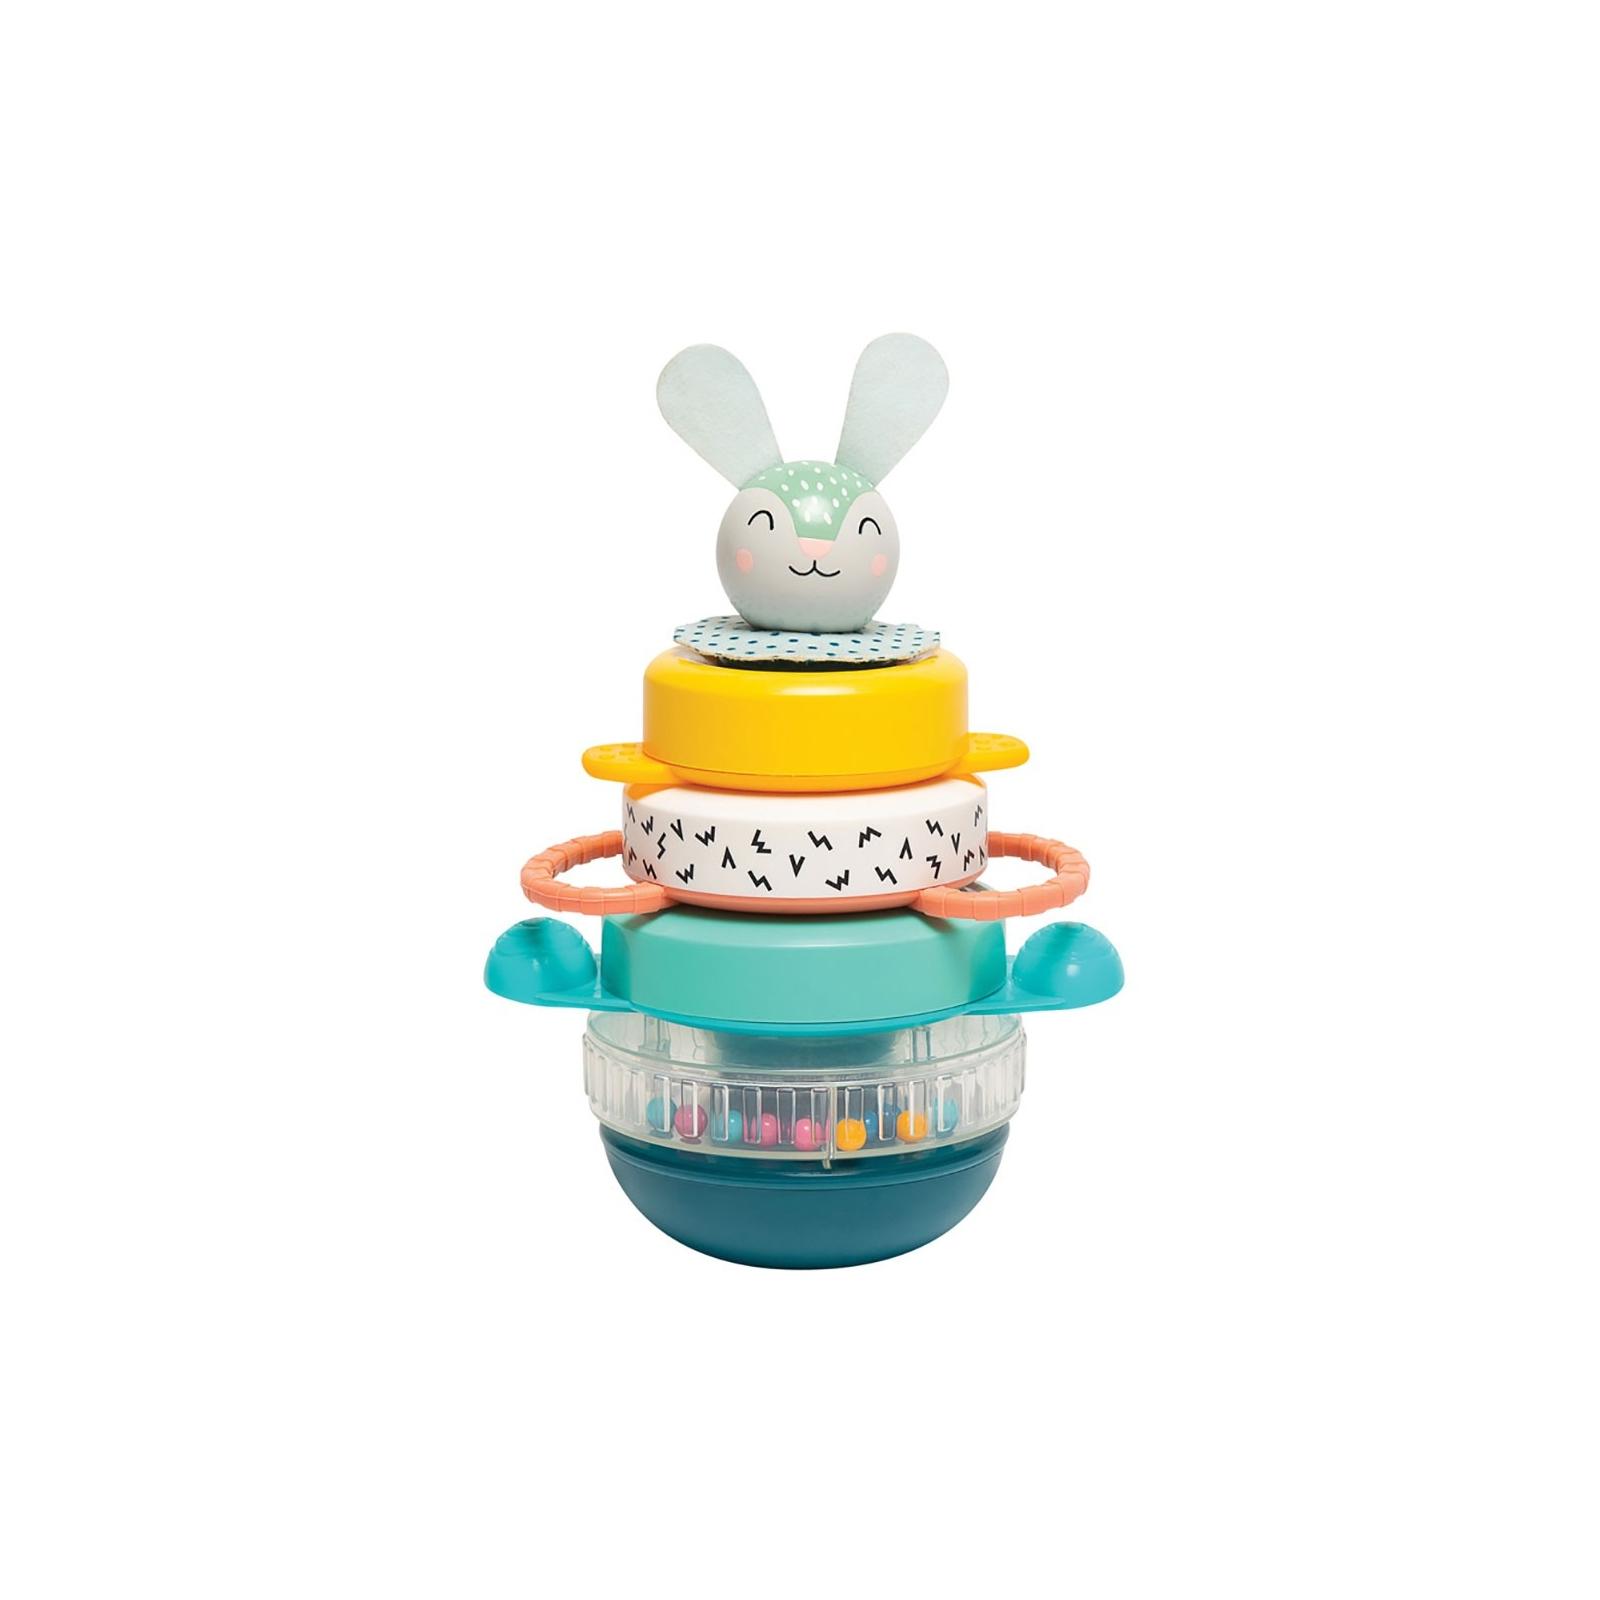 Развивающая игрушка Taf Toys пирамидка Кролик коллекция Полярное сияние (12445)